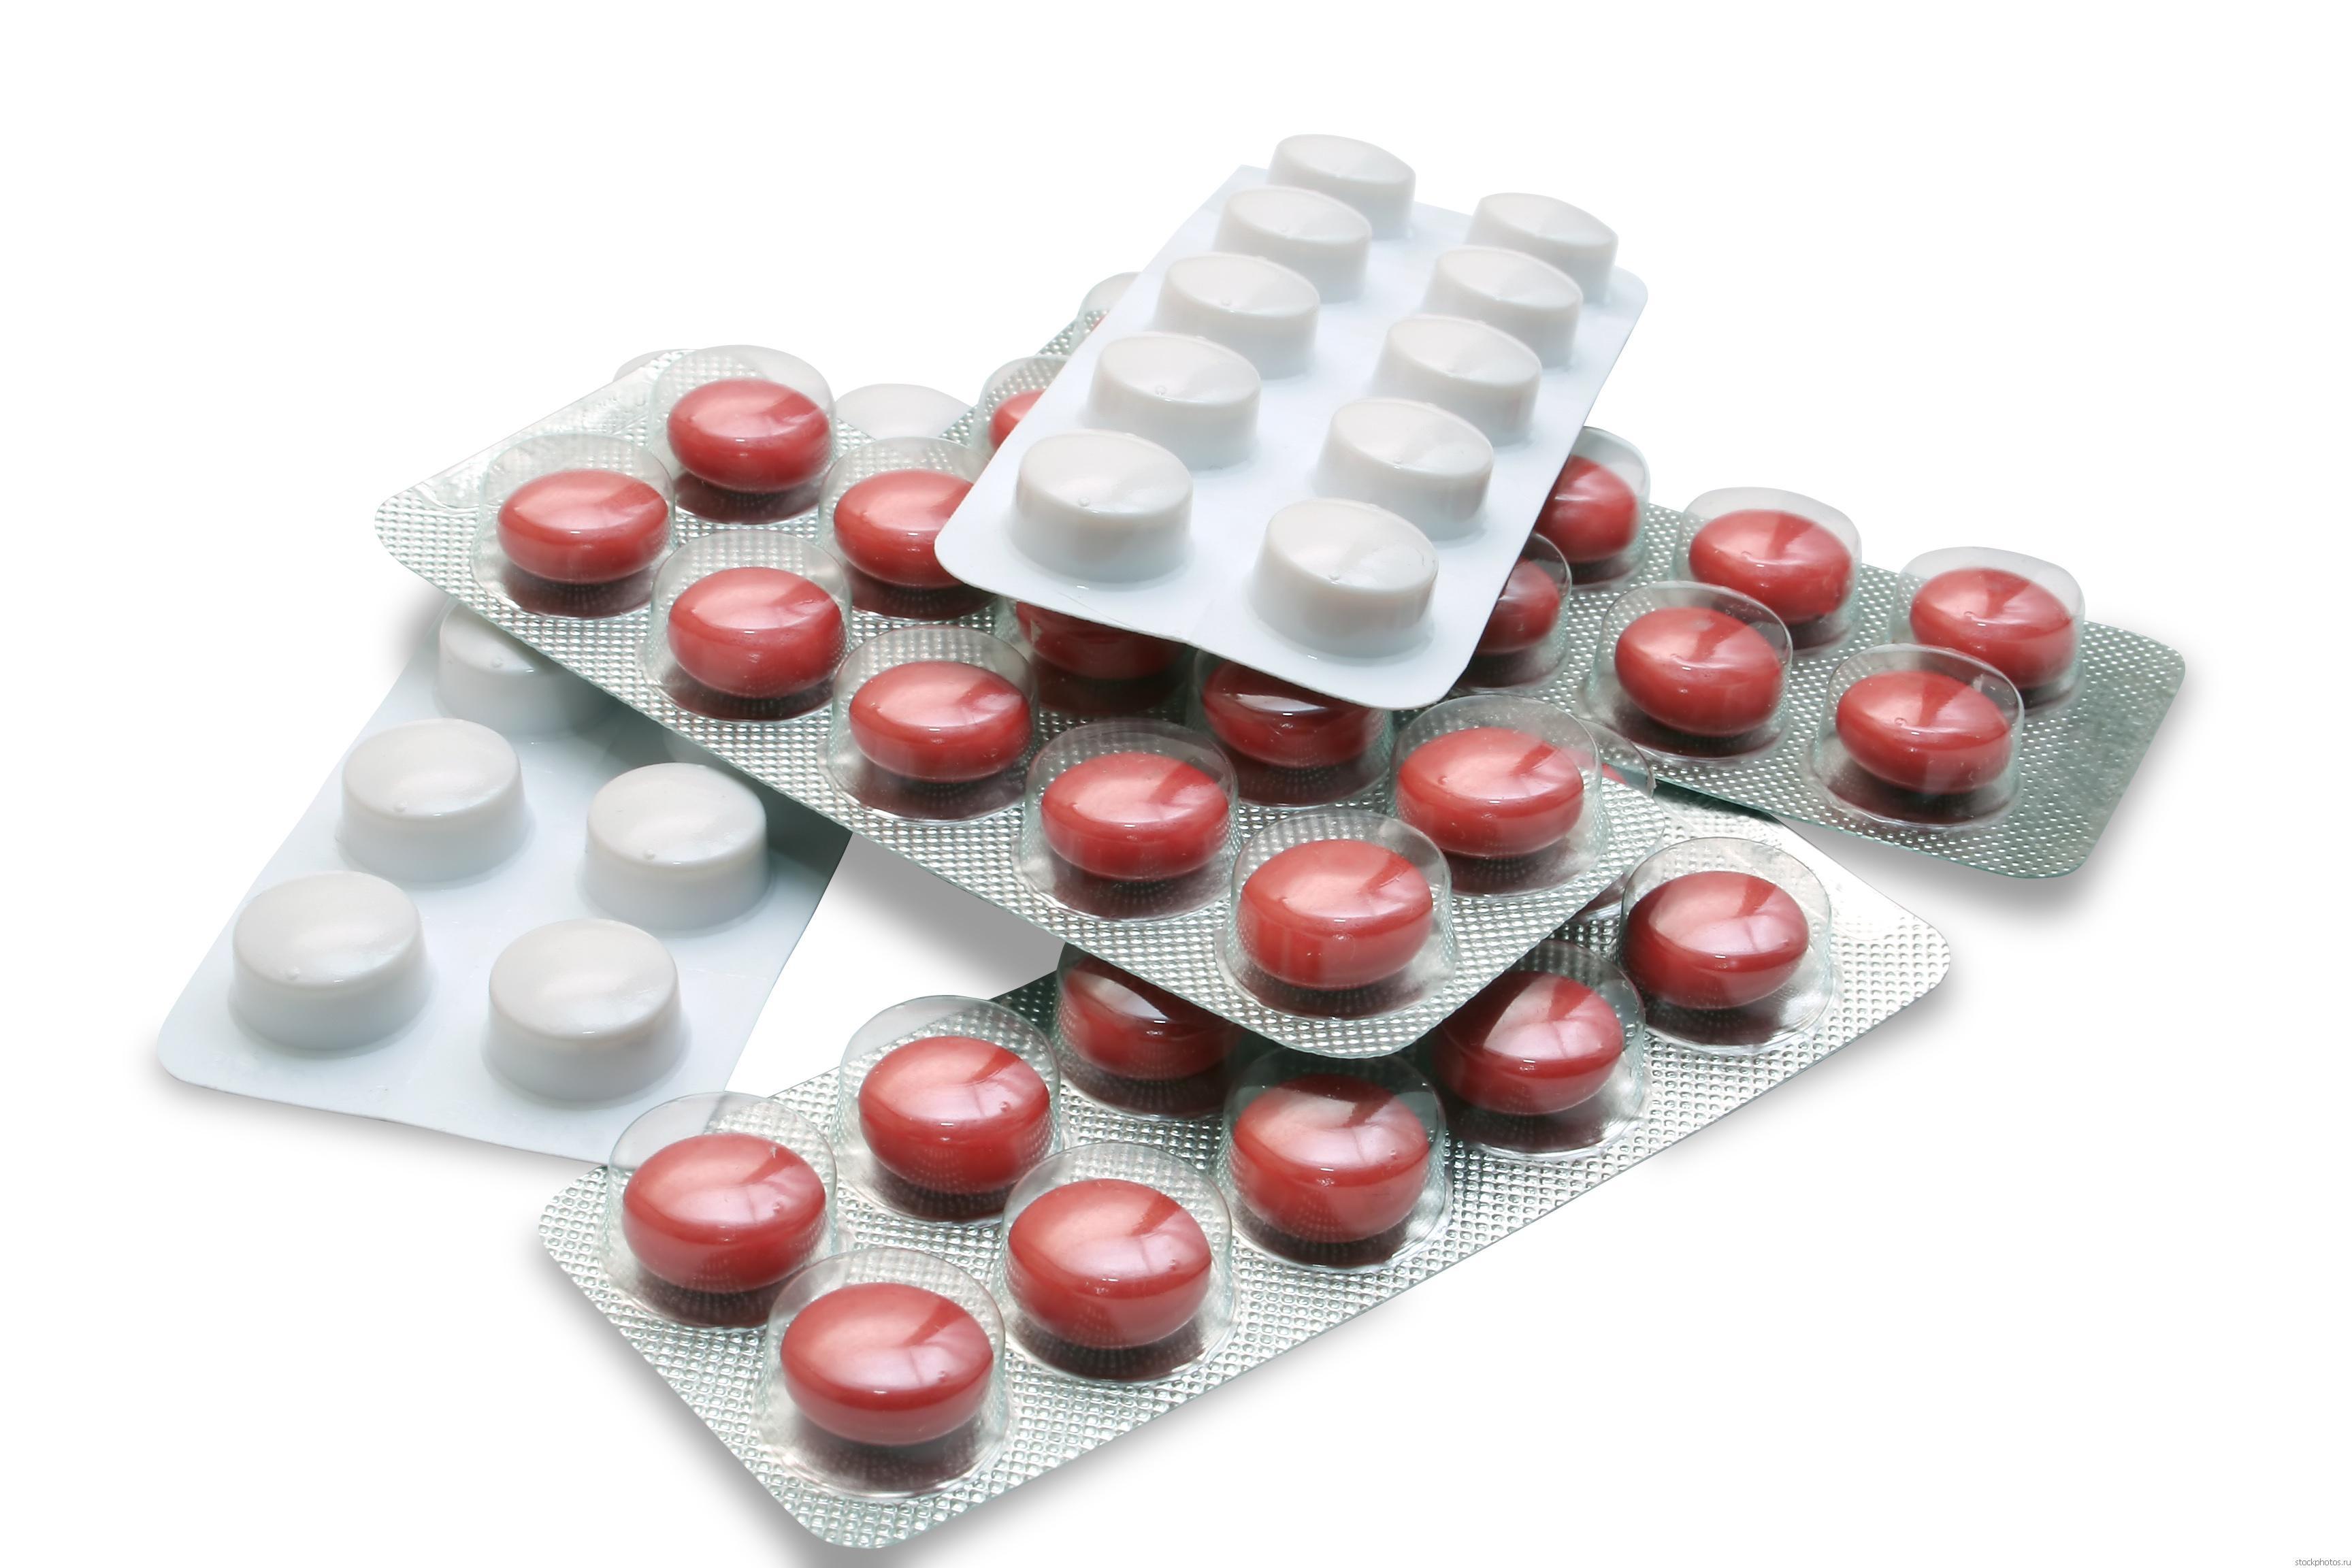 найти лекарство от паразитов